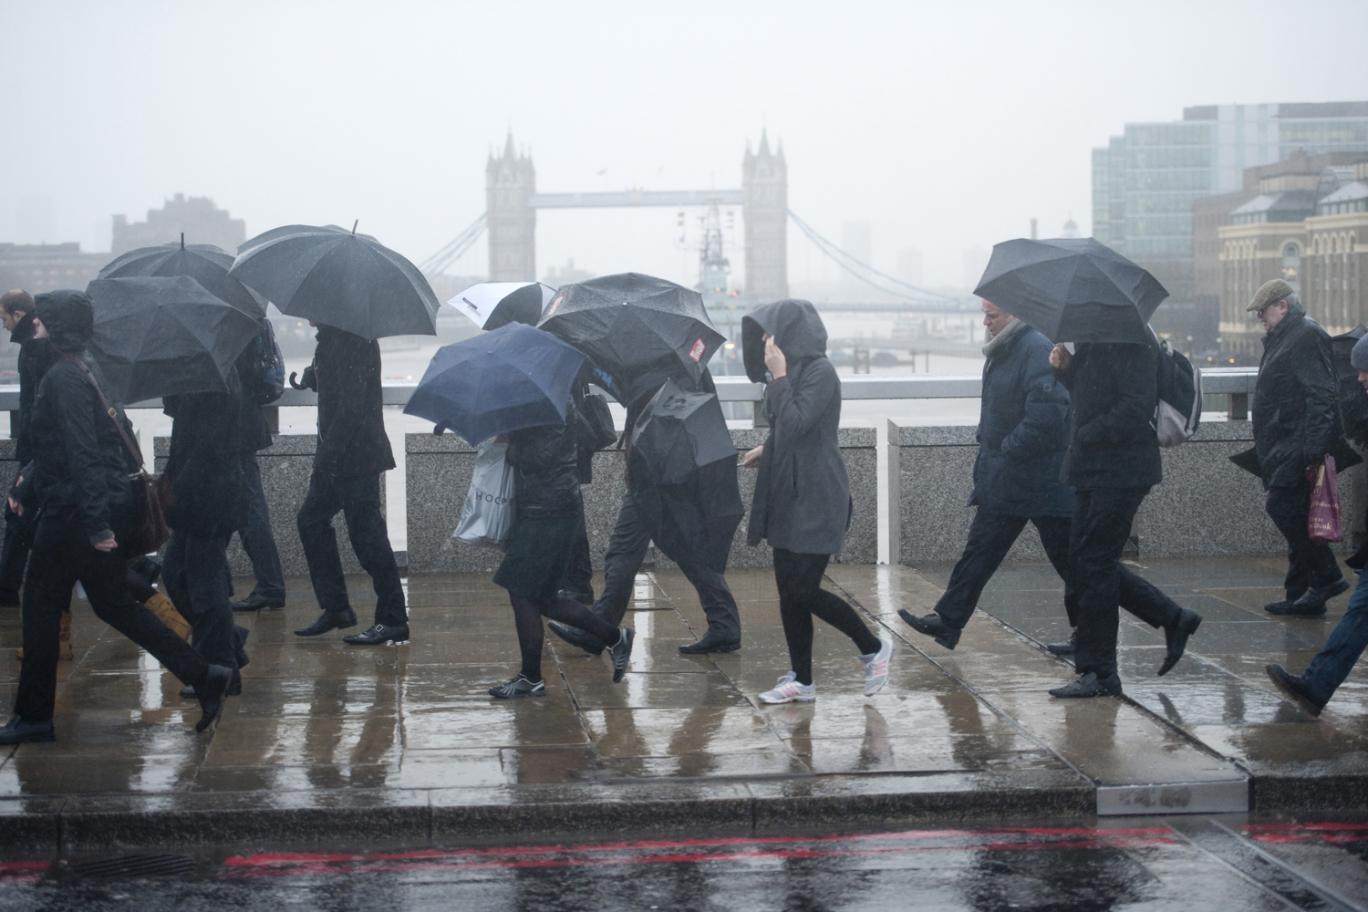 londonrain1810a